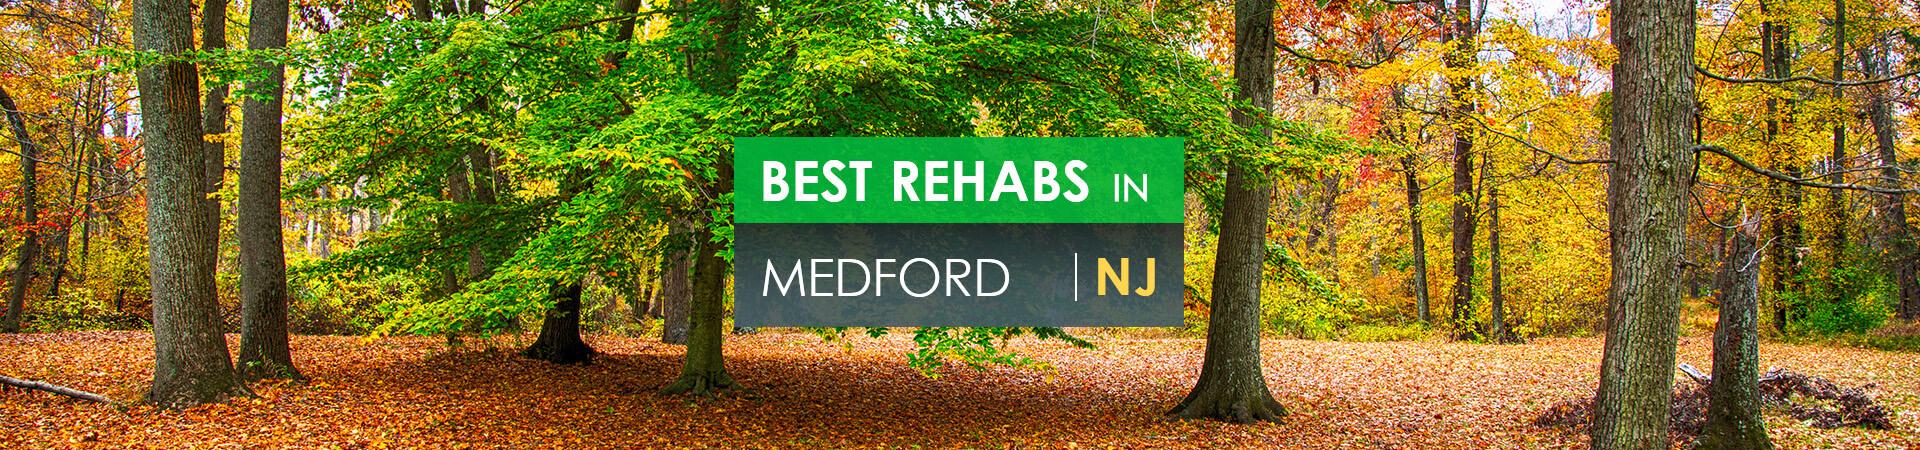 Best rehabs in Medford, NJ